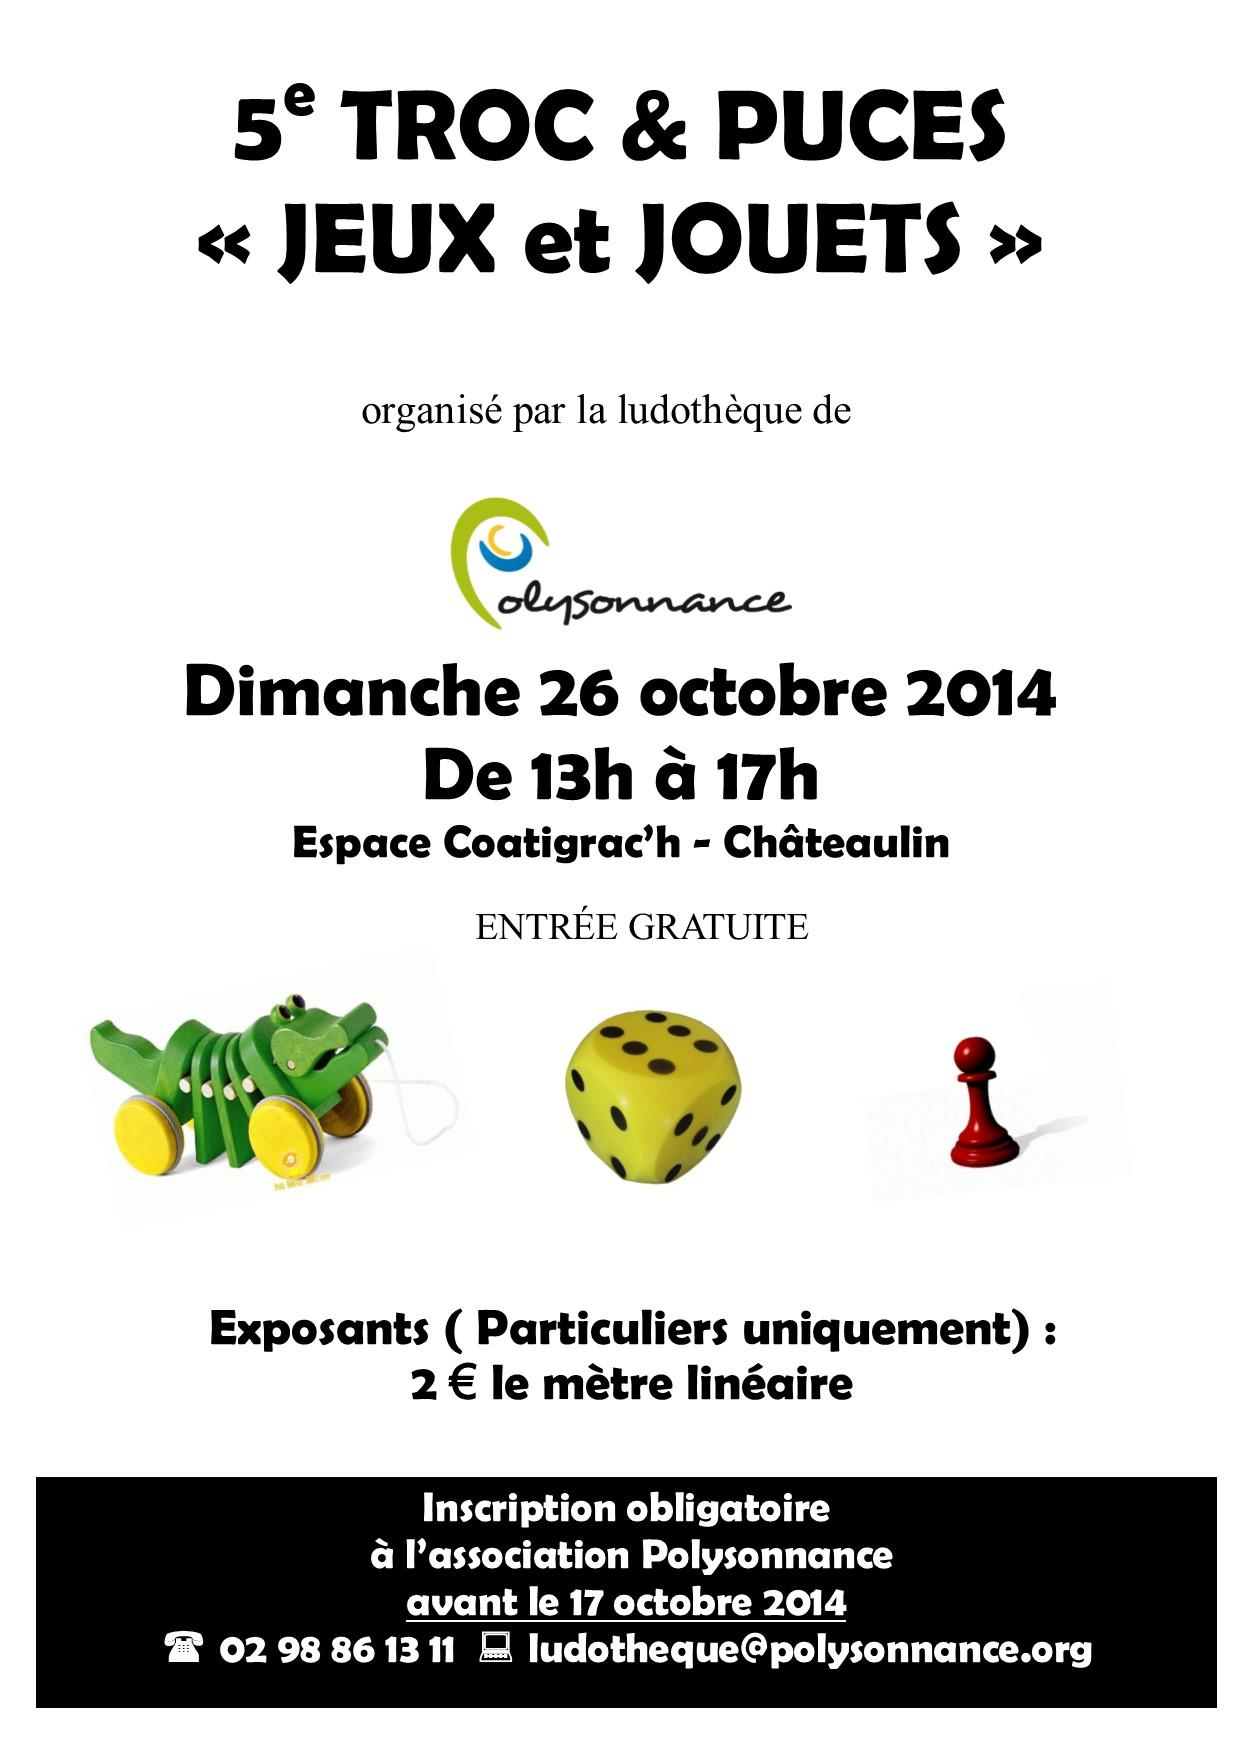 TROC & PUCES «JEUX ET JOUETS» DIMANCHE 26 OCTOBRE 2014 -13H /17H – ESPACE COATIGRACH CHATEAULIN